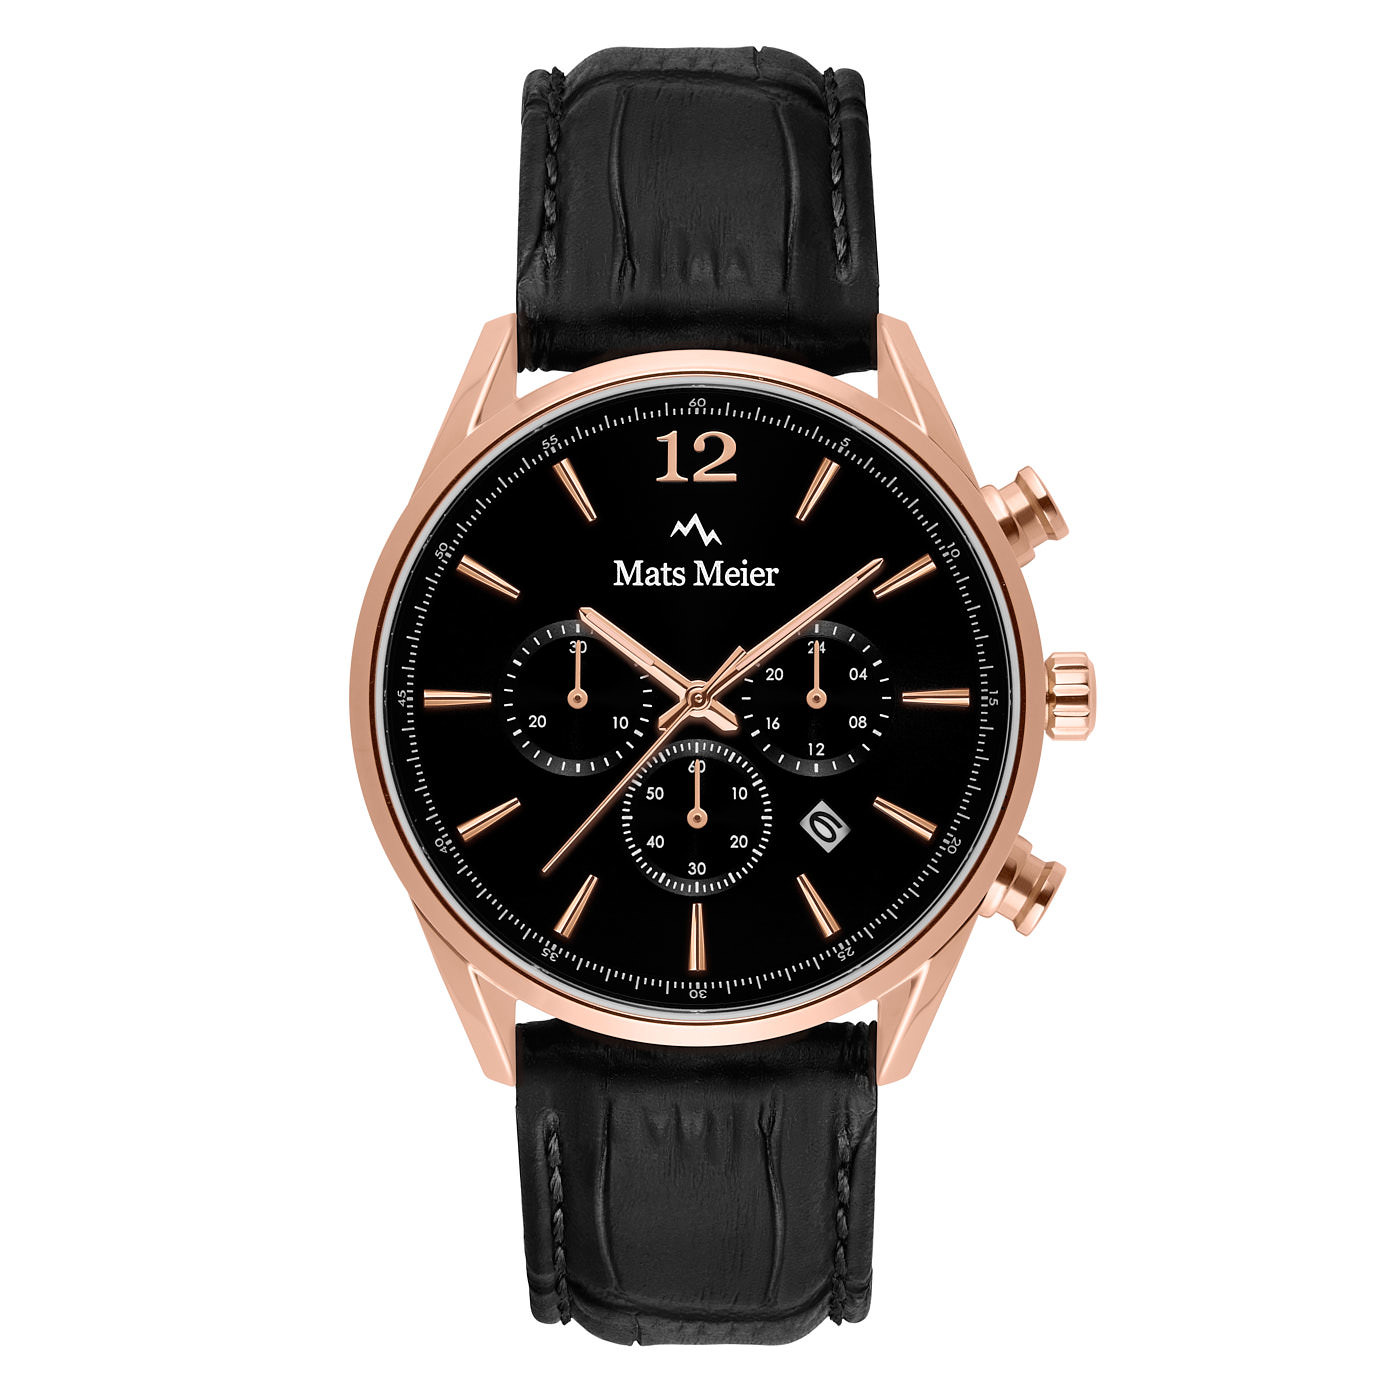 Mats Meier Grand Cornier chronographe noir / couleur or rose